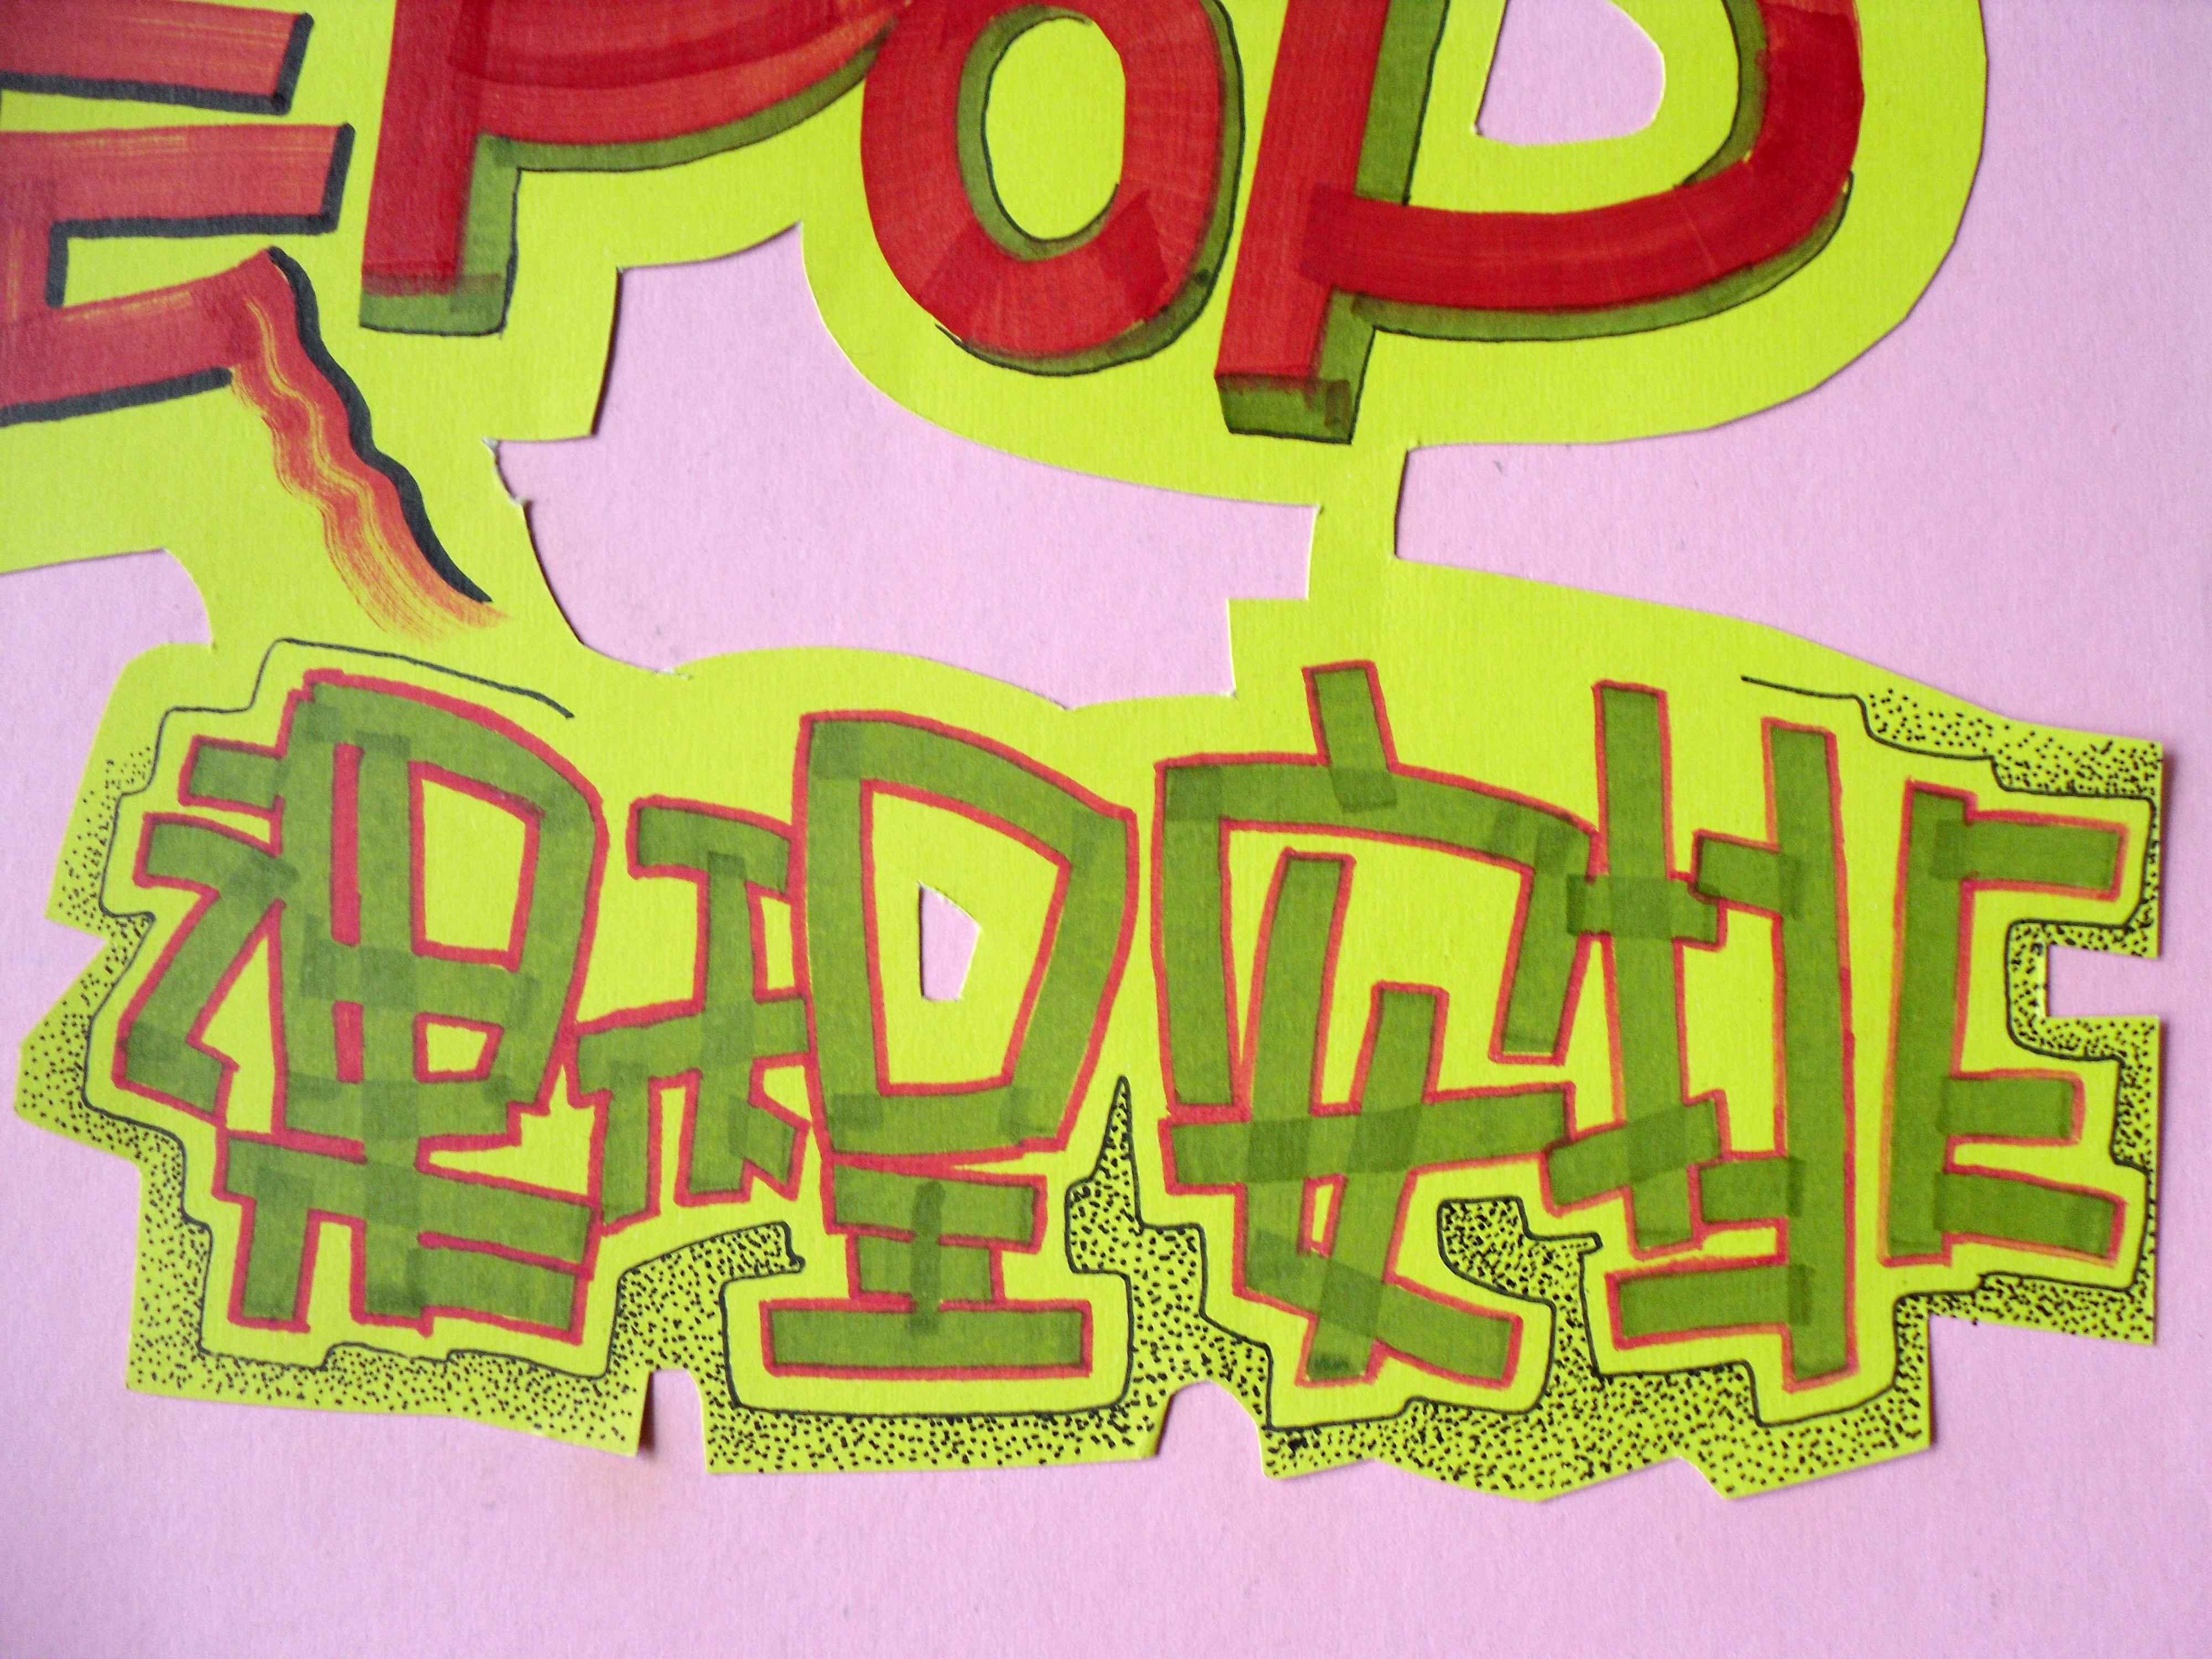 手绘pop海报,培训 - 商业分类信息 - 淄博旮旯论坛